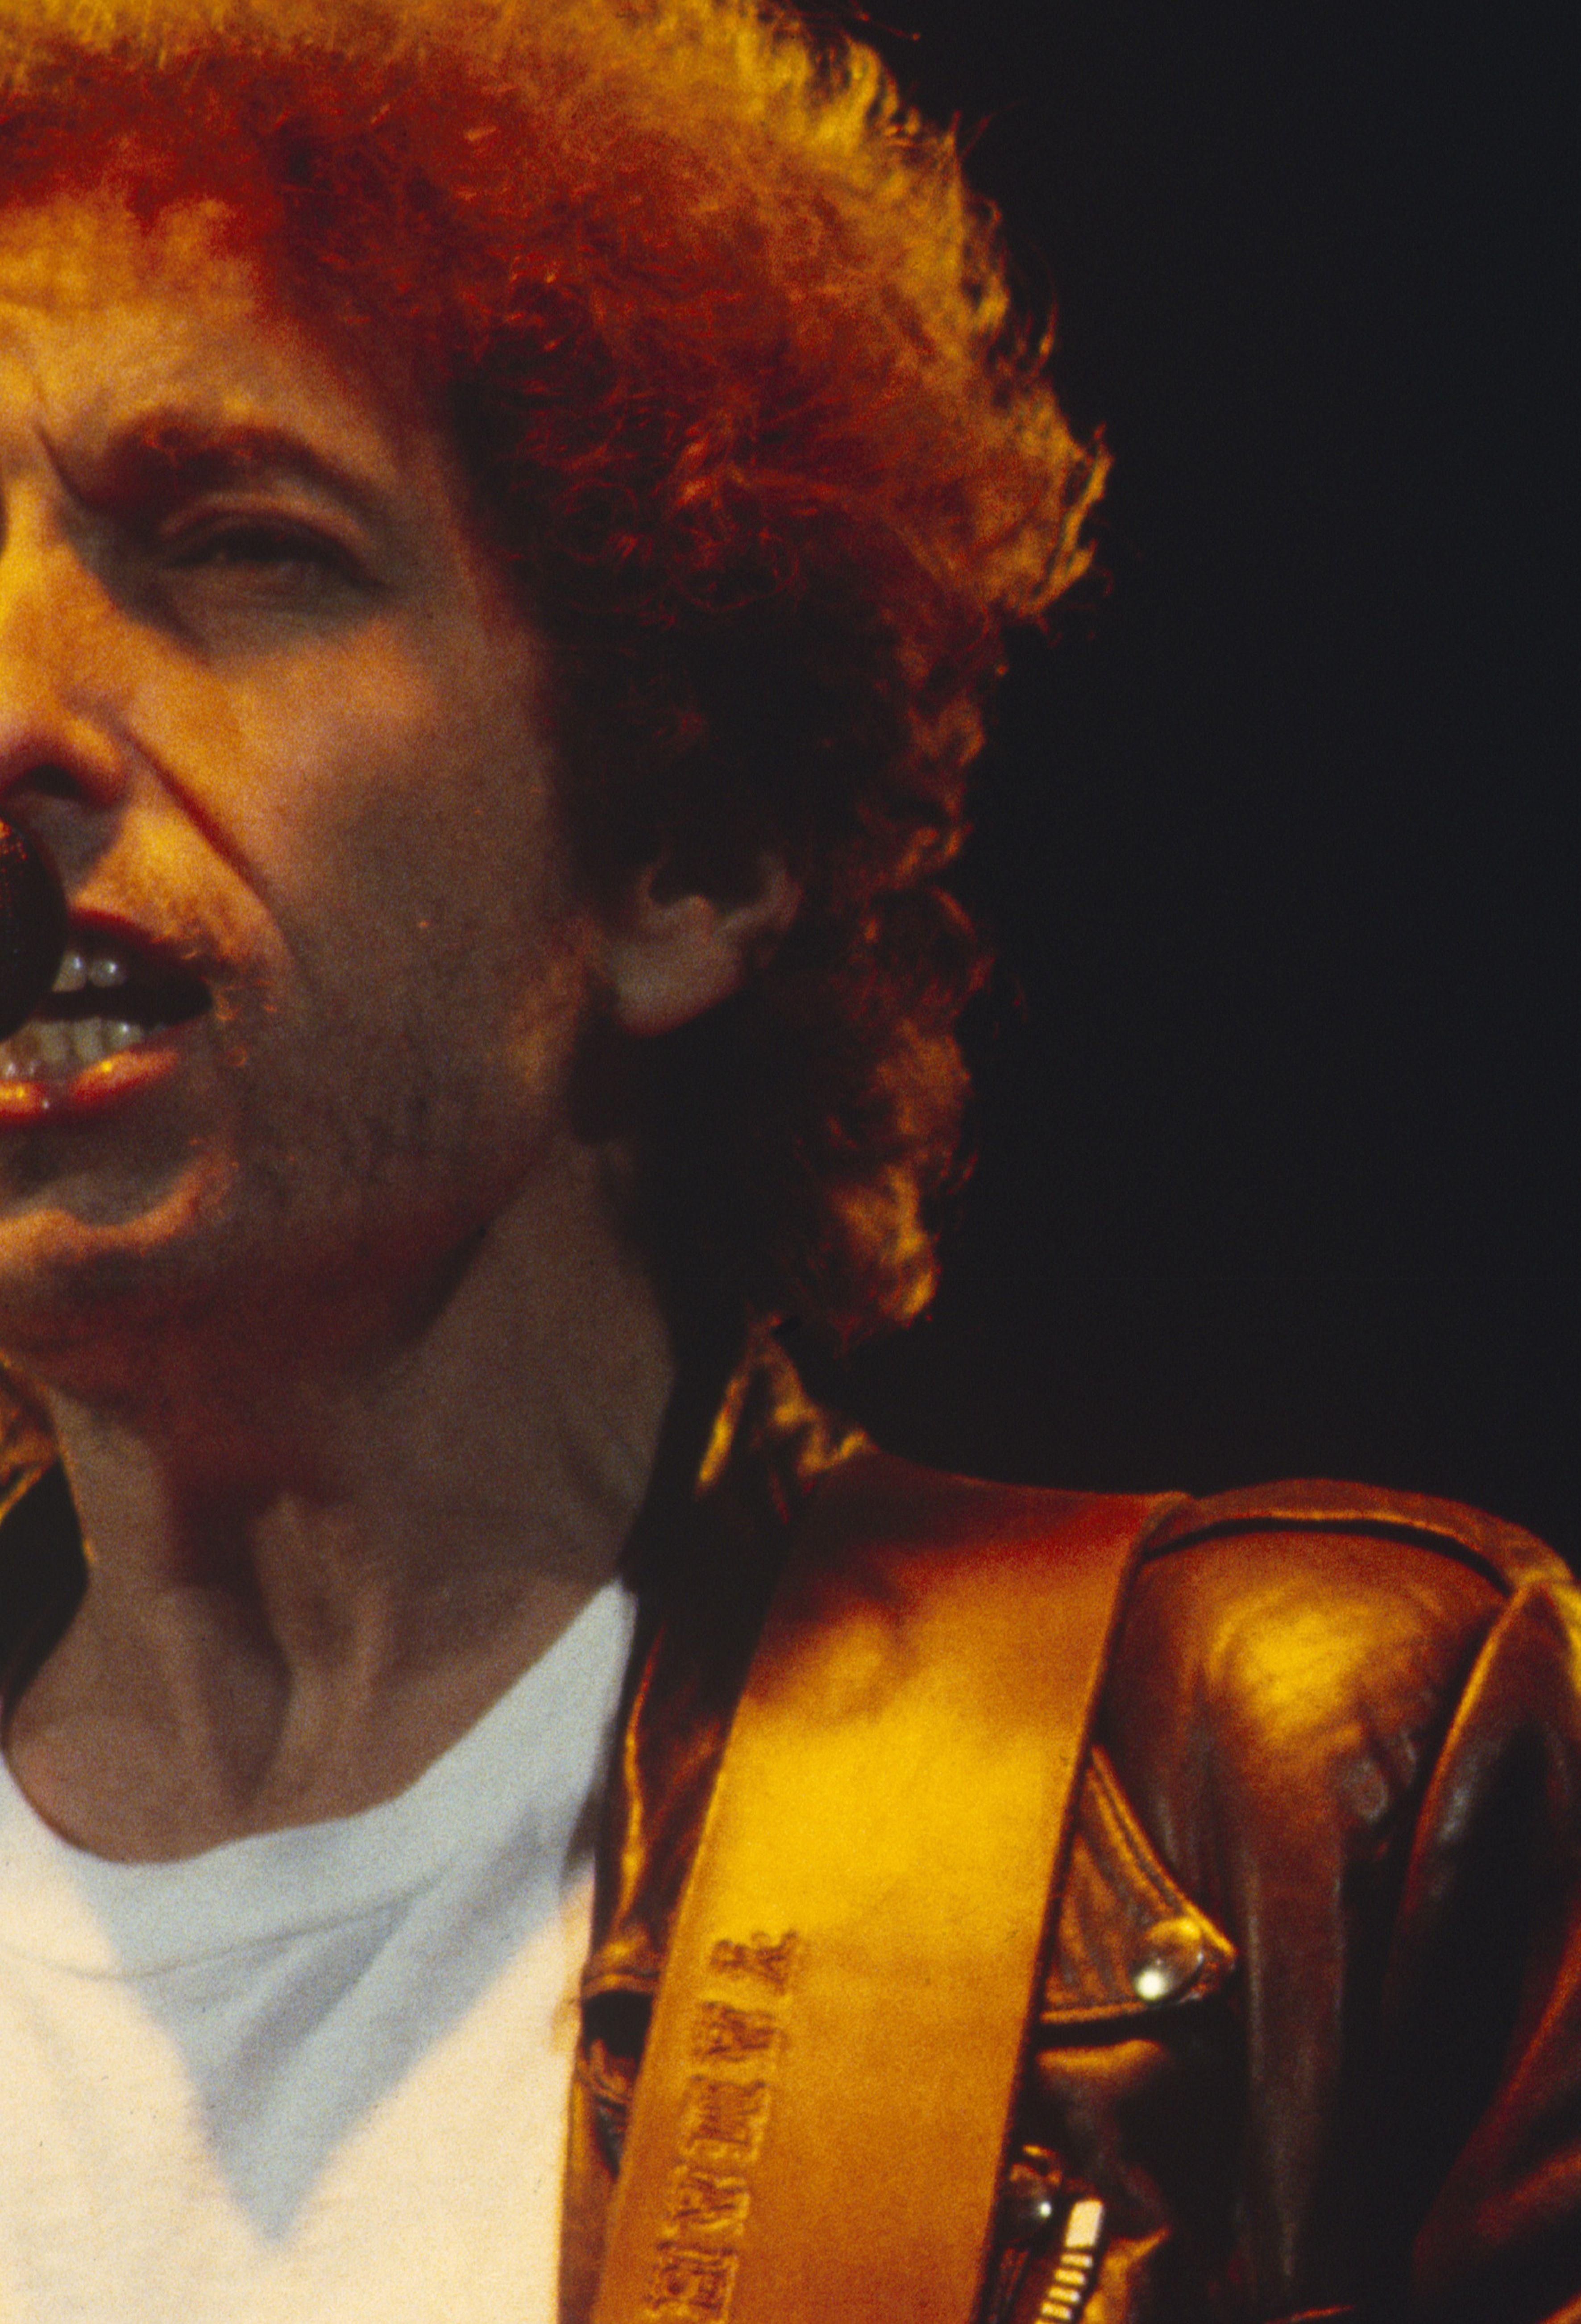 Najutjecajniji rock autor koji je hodao Zemljom: Dylan nije ostao zauvijek mlad, ali je uvijek bio dovoljno enigmatičan